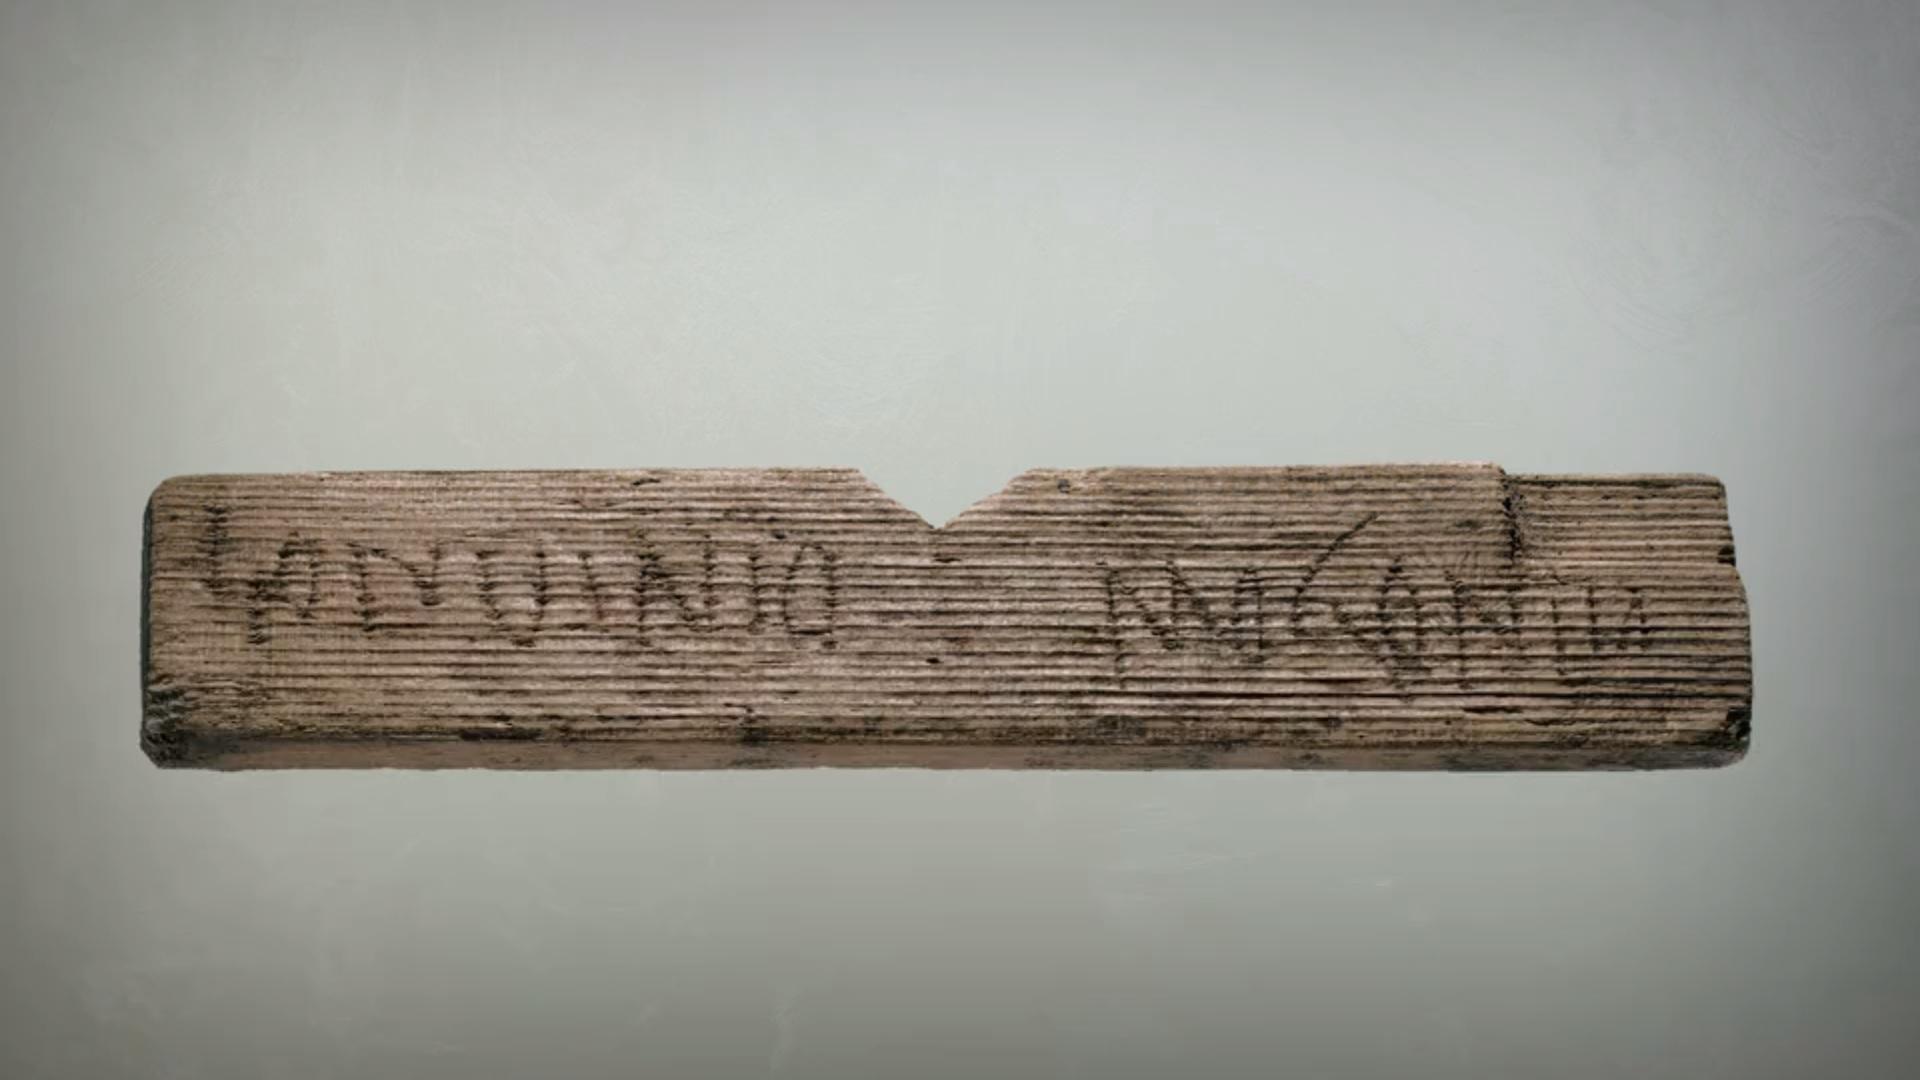 При раскопках найдено более 15 тыс. артефактов, в том числе 400 табличек для письма, одна из которых содержит самое первое письменное упоминание Лондона